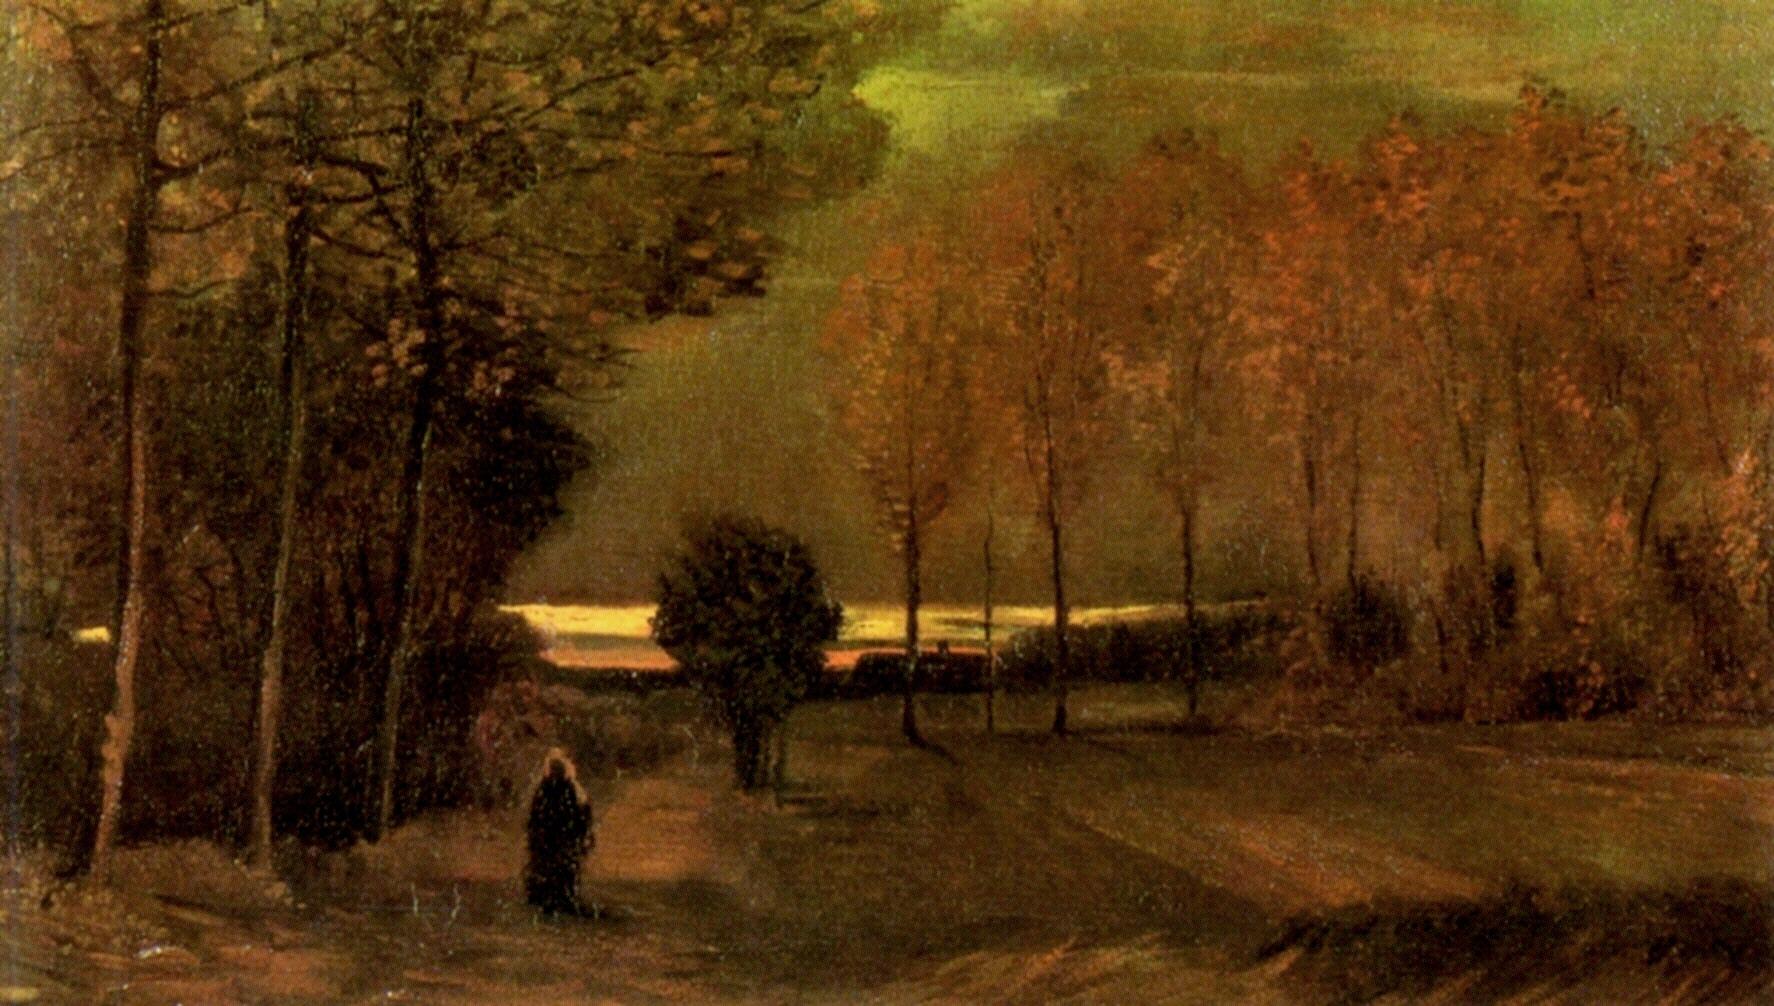 フィンセント・ファン・ゴッホ『夕暮れの秋の風景』 1885年